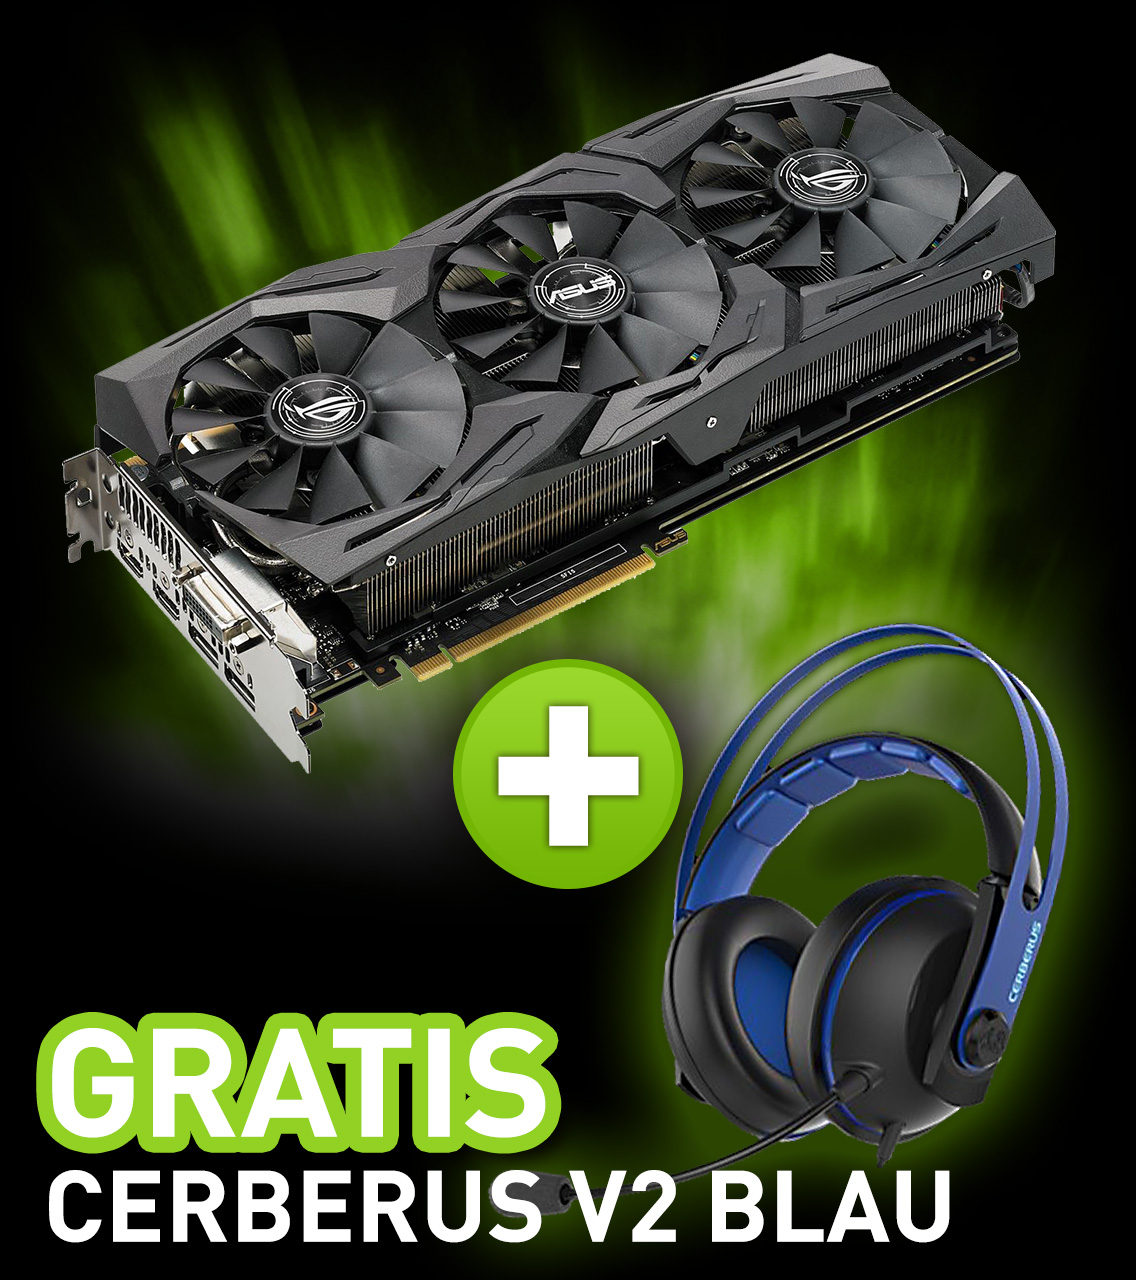 8GB Asus GeForce GTX 1080 ROG Strix Gaming Aktiv PCIe 3.0 (Retail)